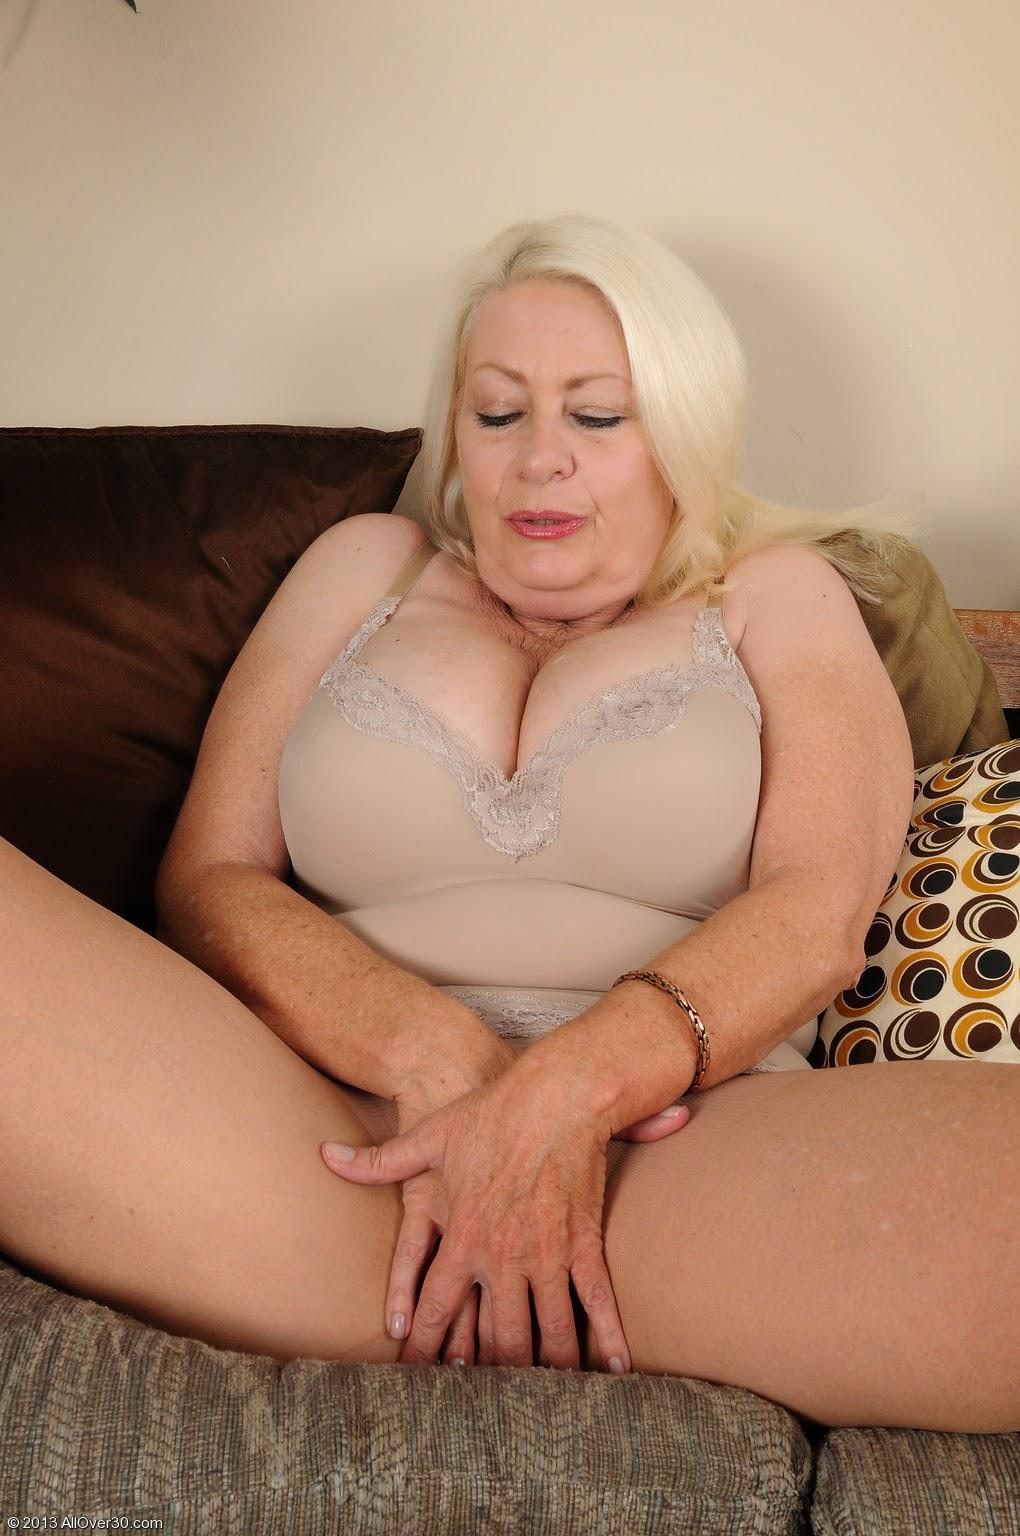 Angelique dubois porn